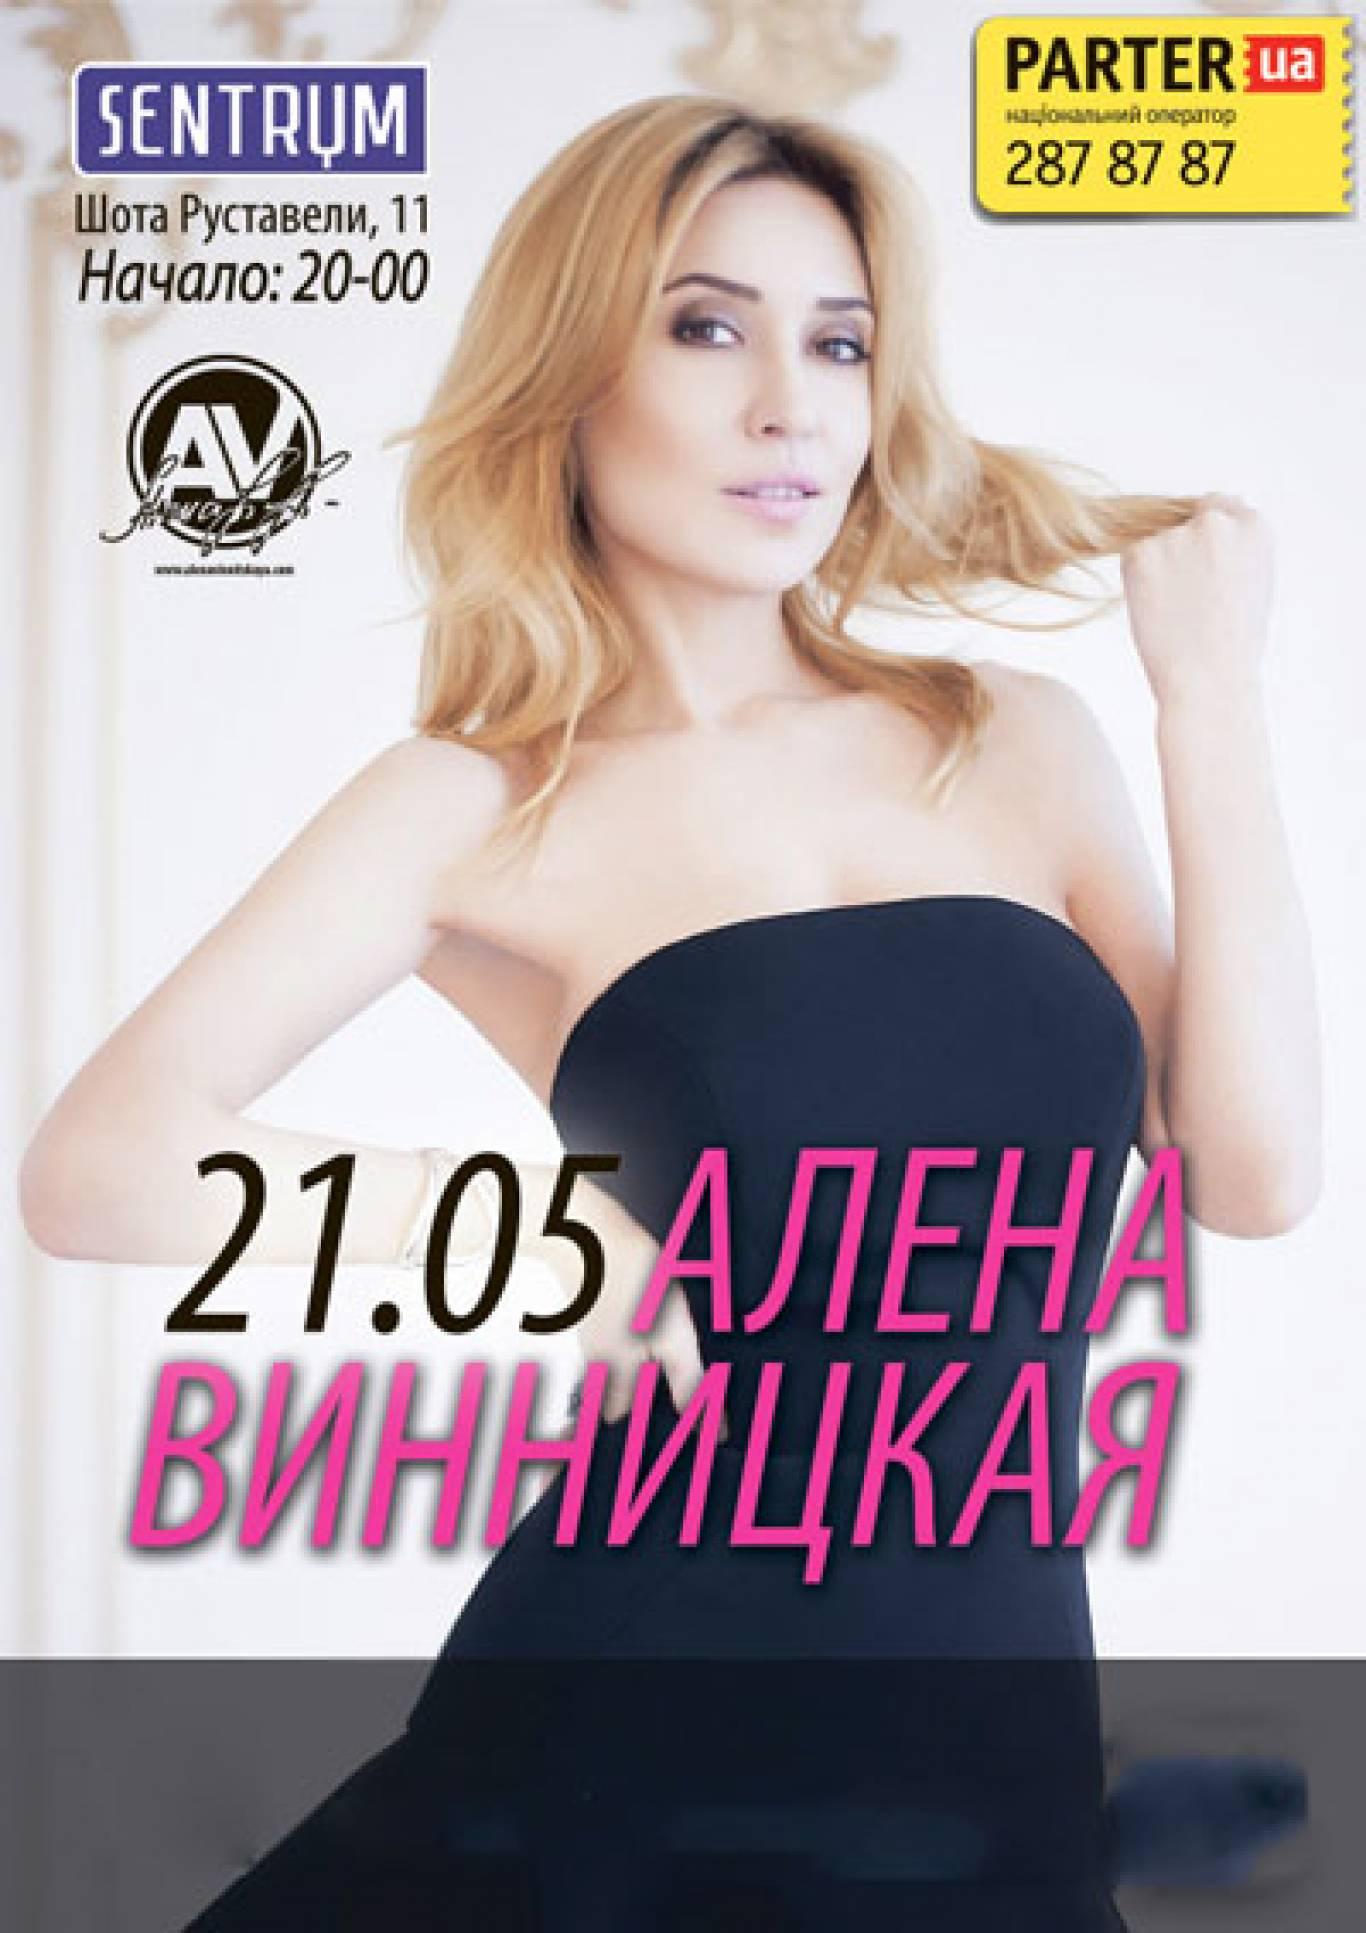 Альона Вінницька: концерт у клубі Sentrum